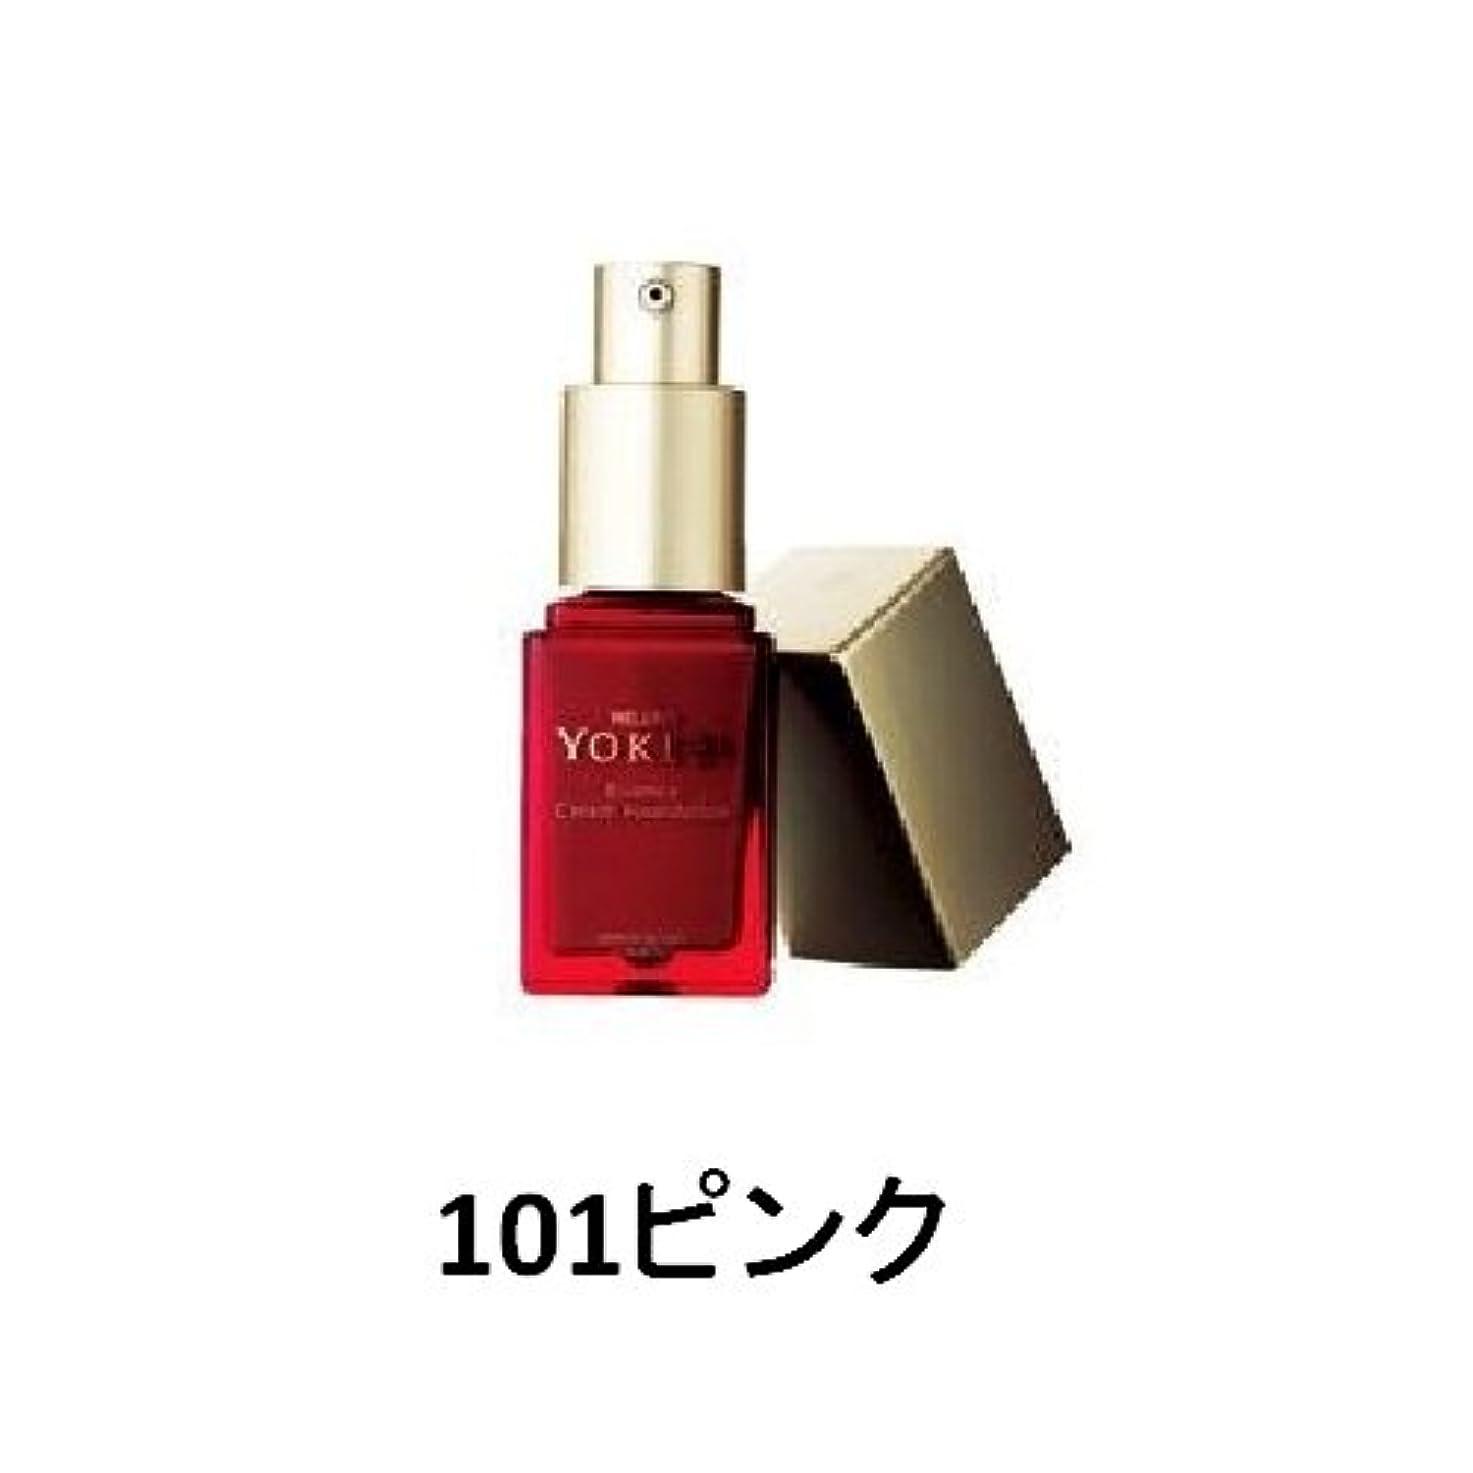 割り込みブラウズ続けるリレント YOKIBI エッセンスクリームファンデーション (101ピンク)